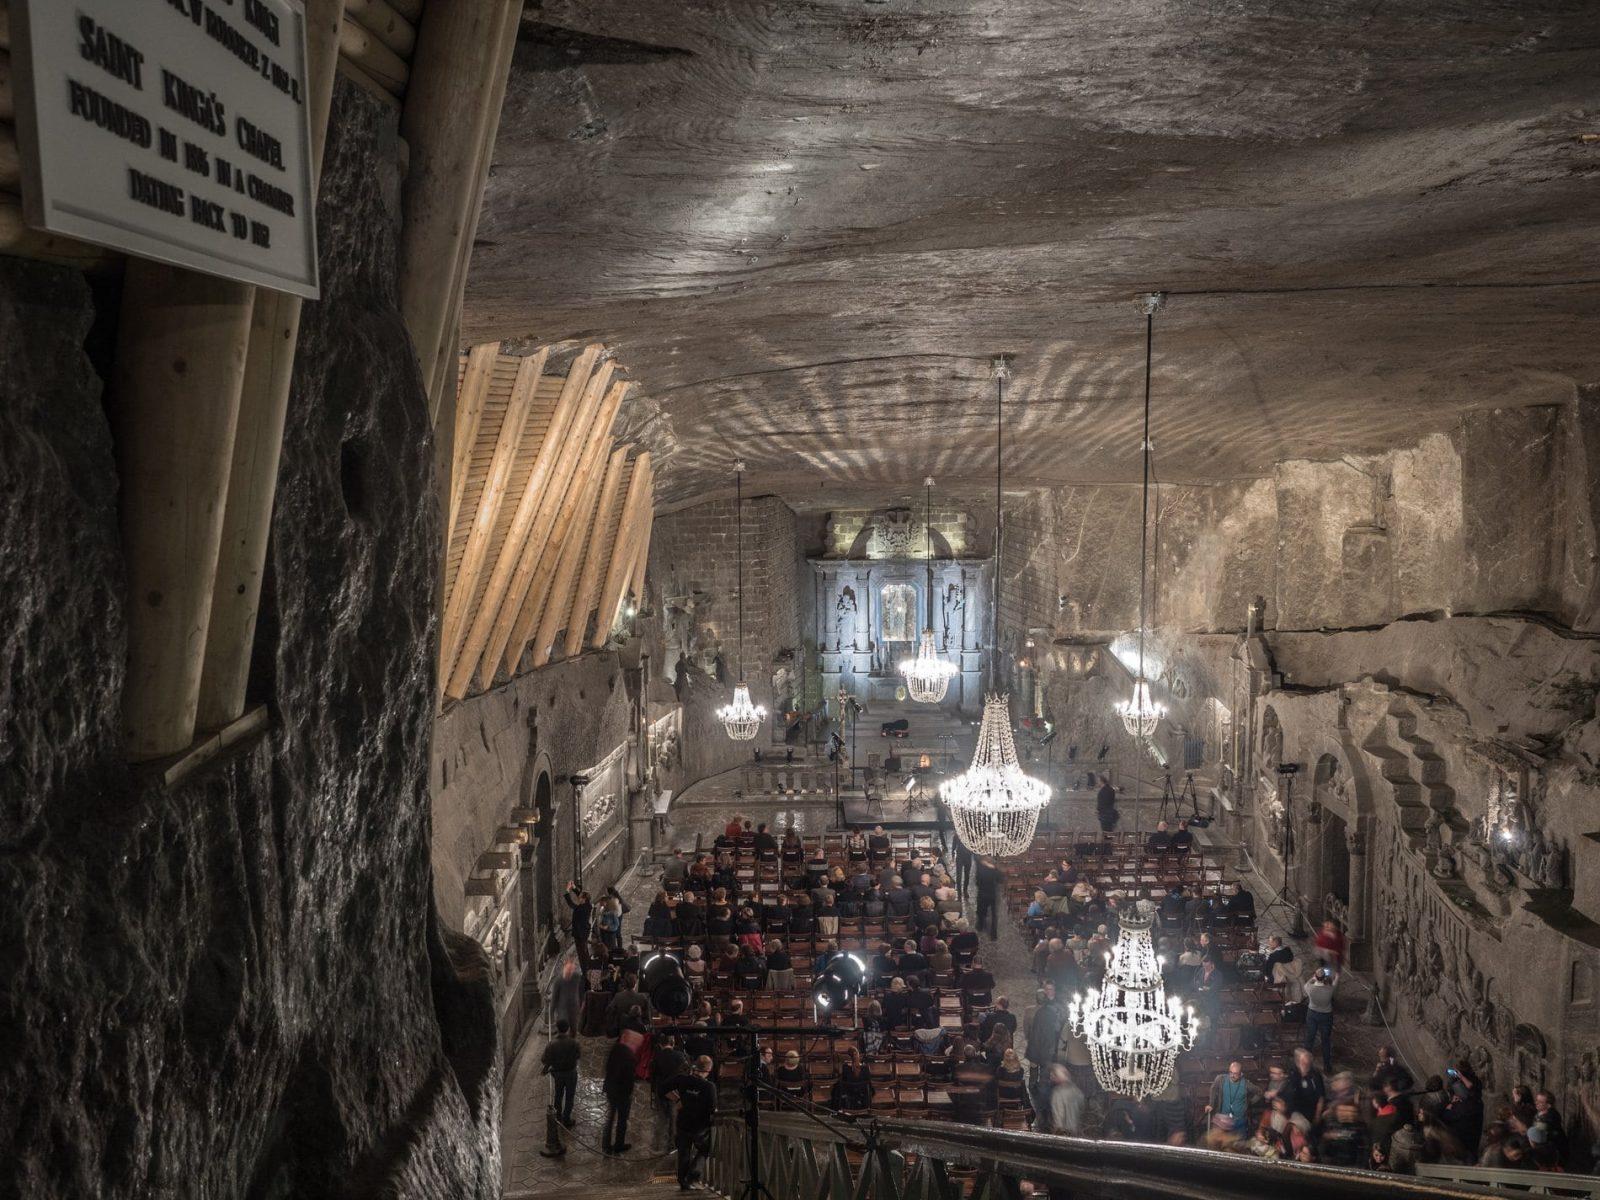 La mina de sal de Wieliczka en Cracovia